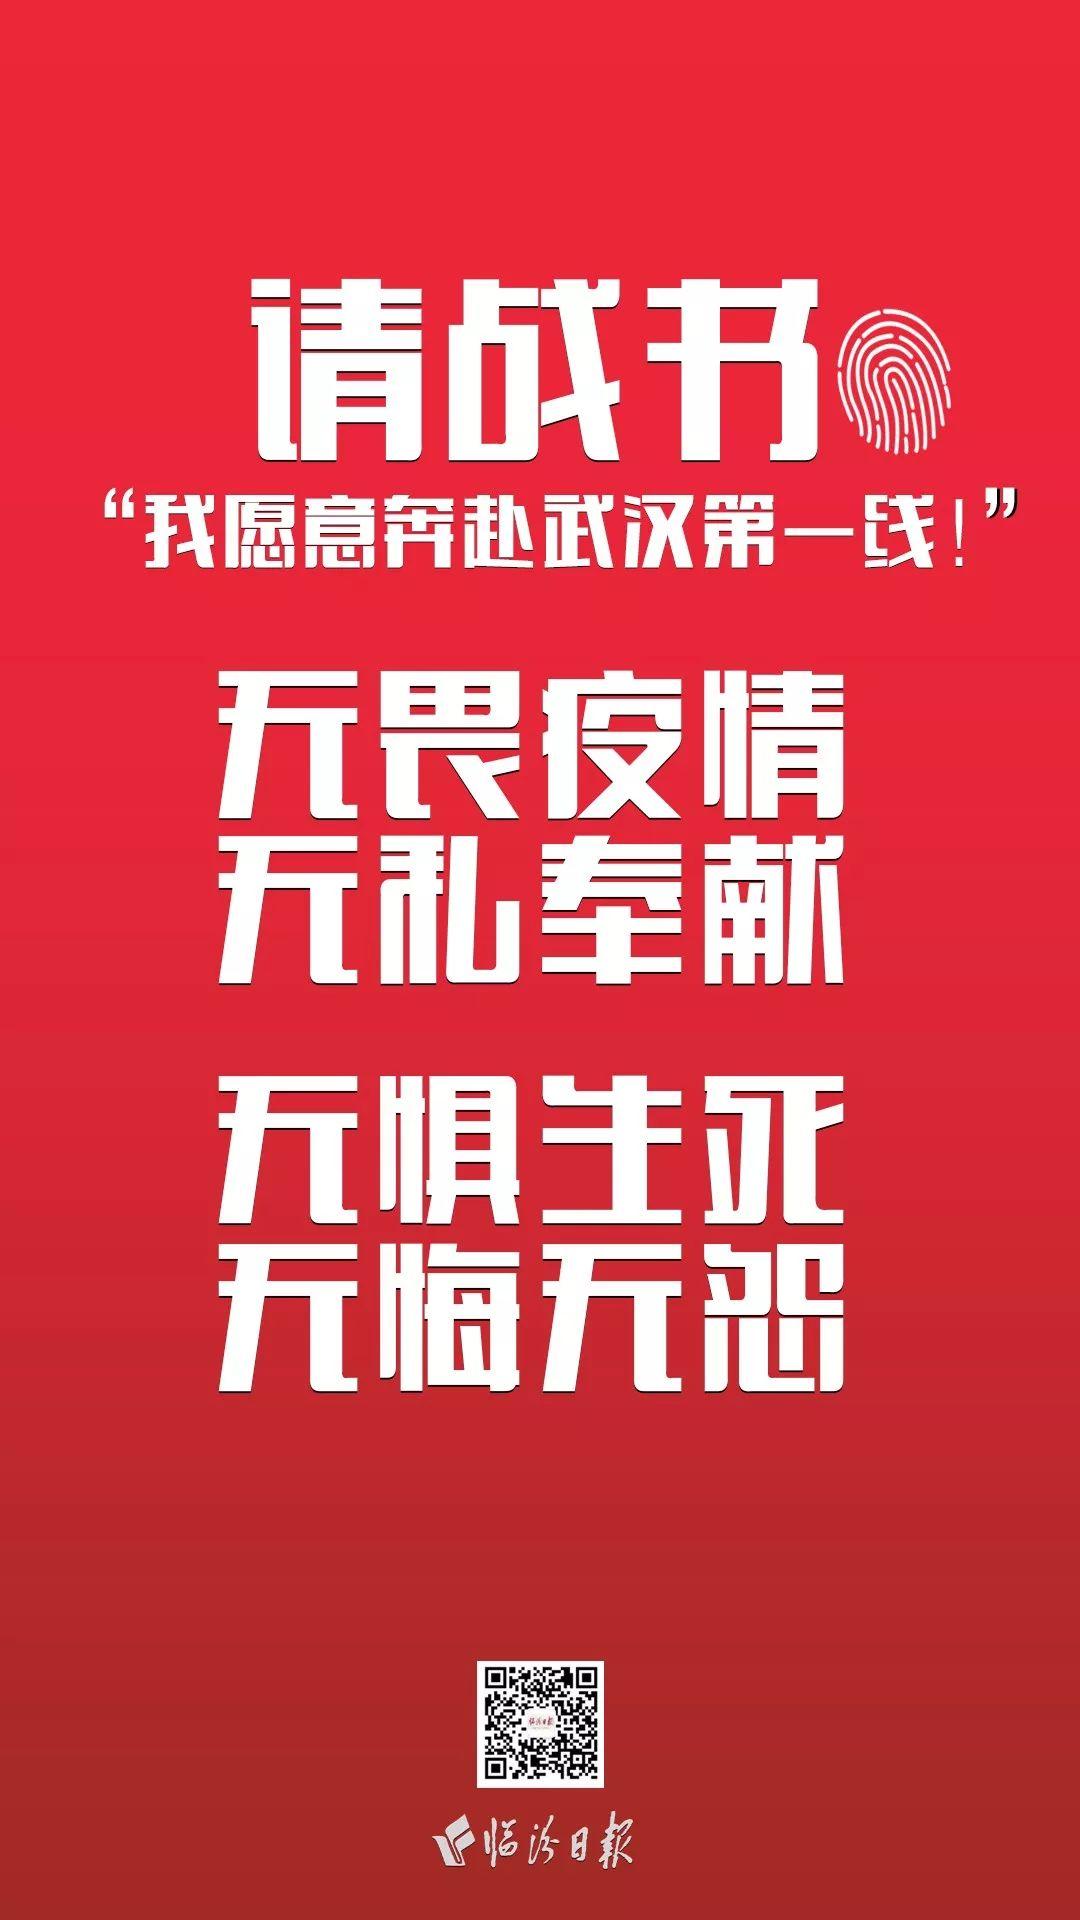 翼城关注┃他们要从临汾去武汉!26个红手印让人看哭了……